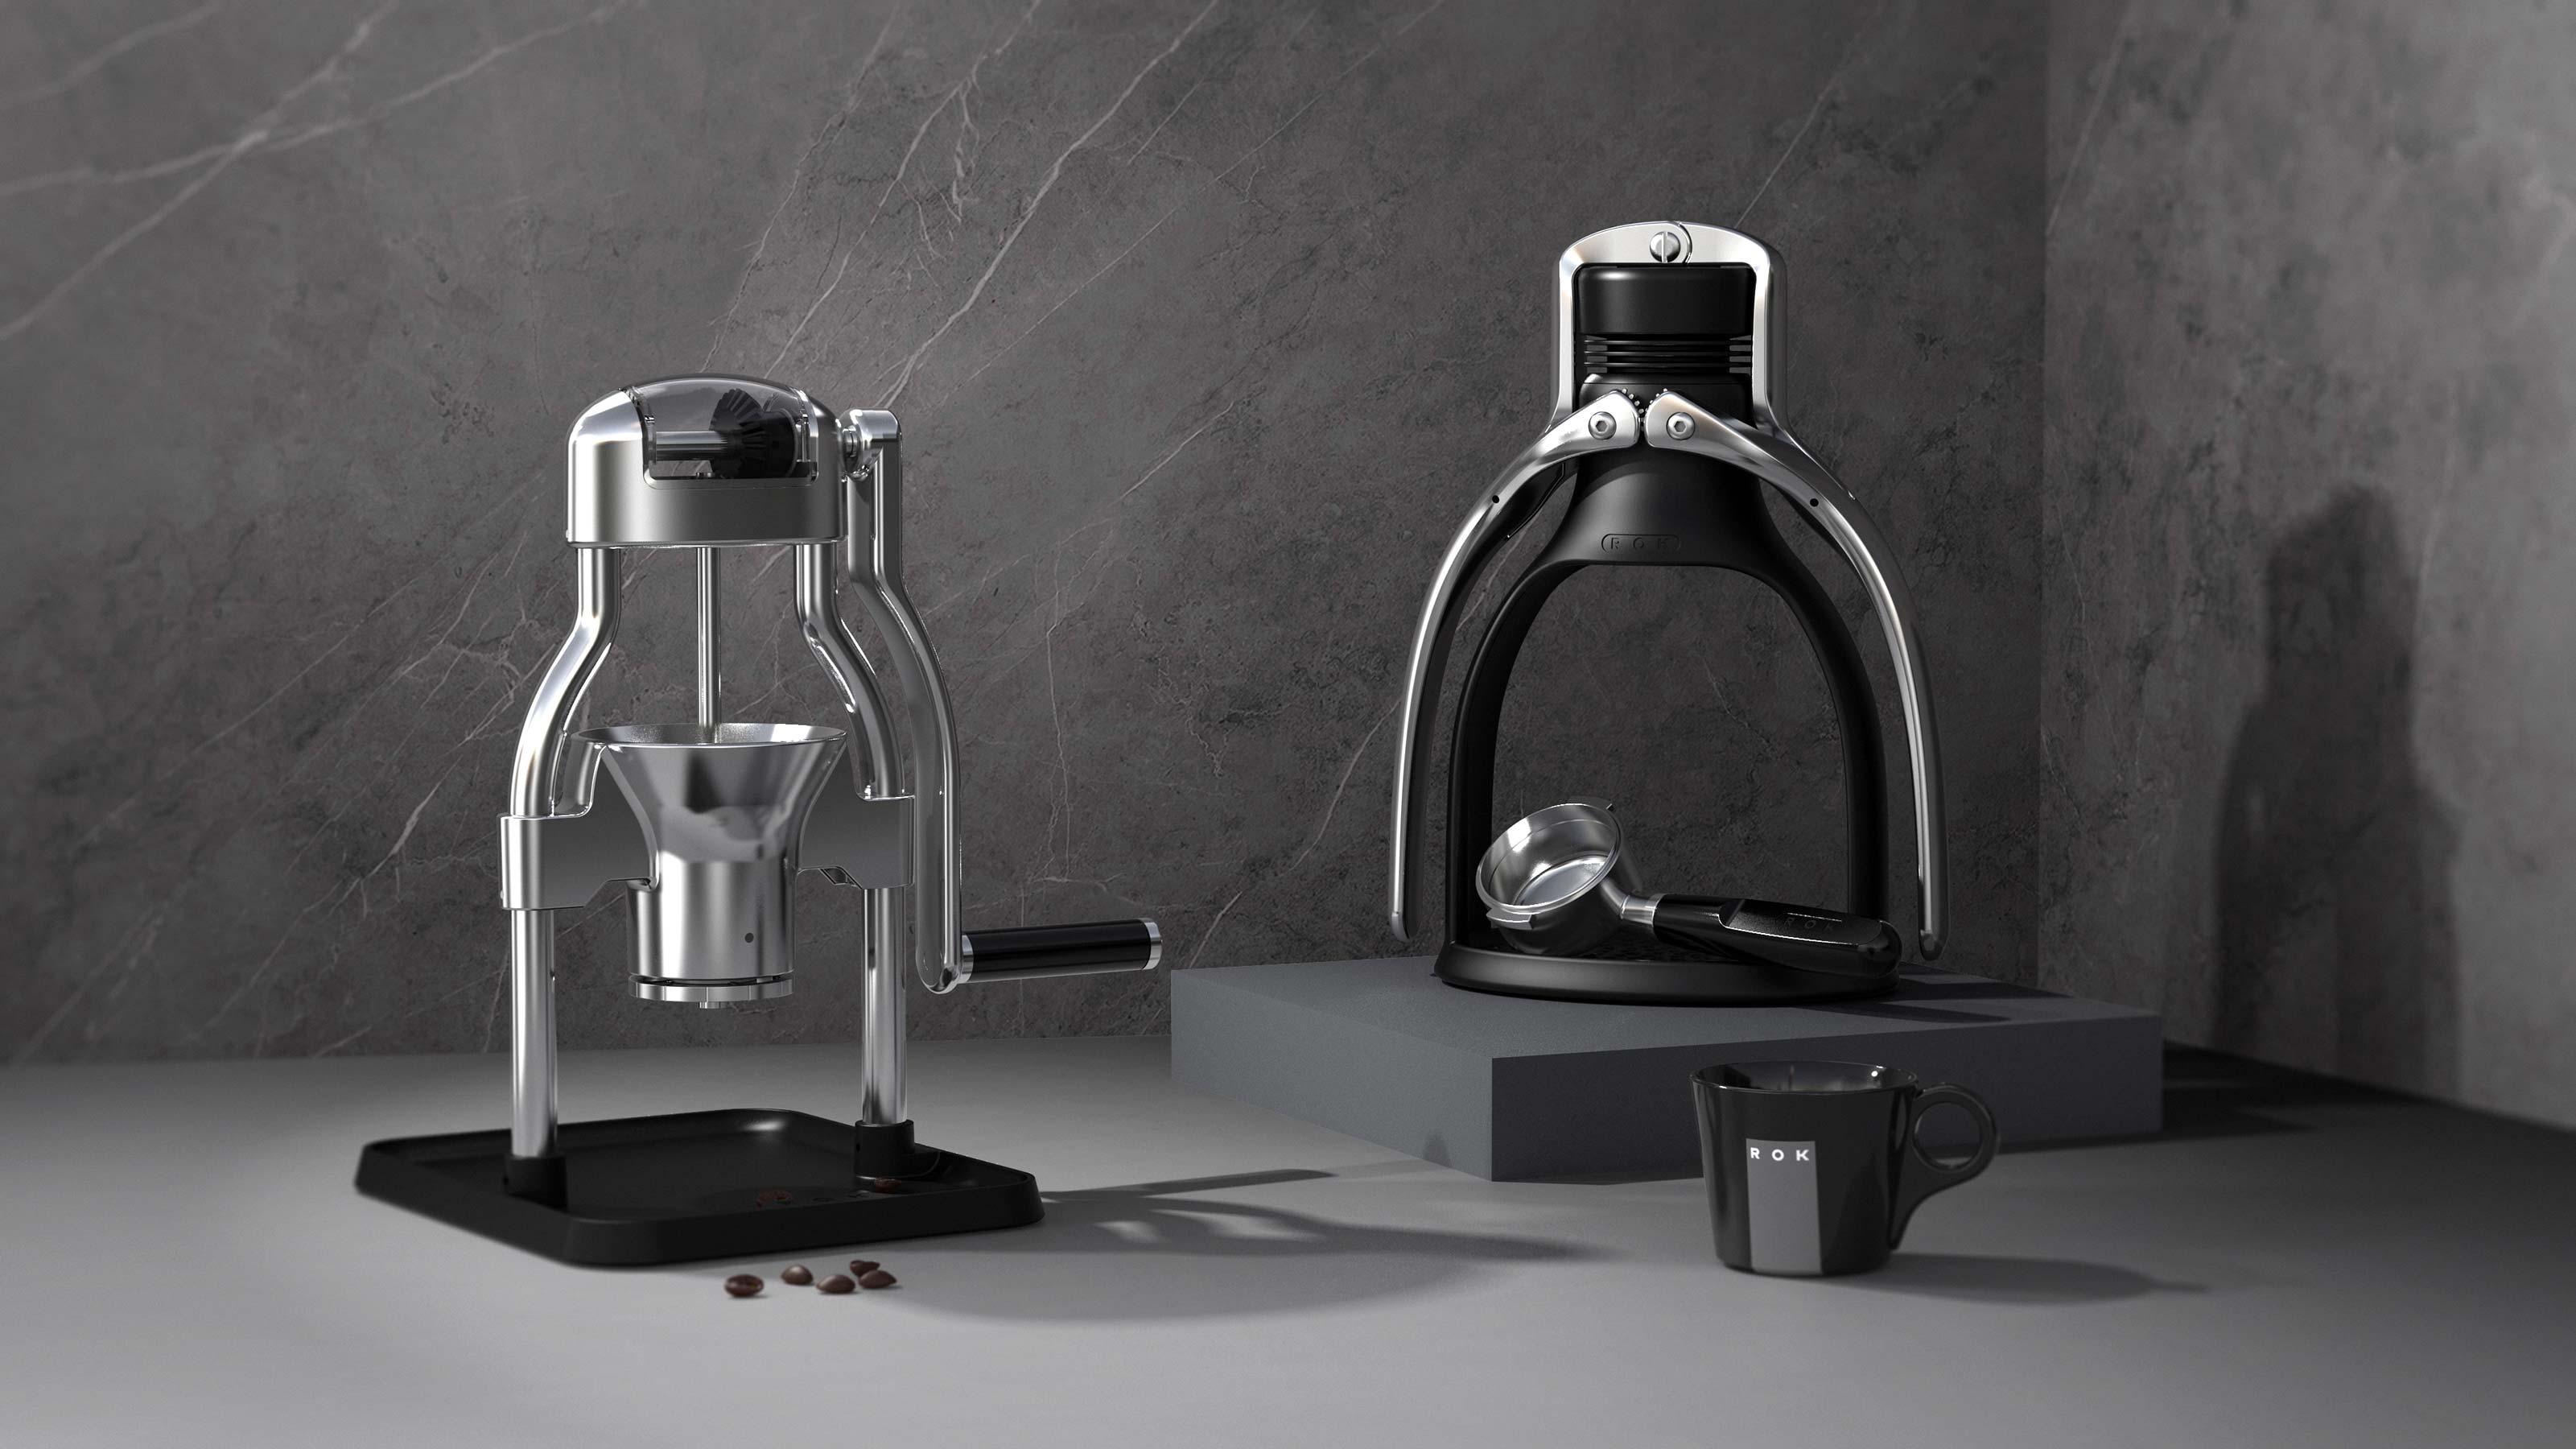 ROK Coffee nad Grinder